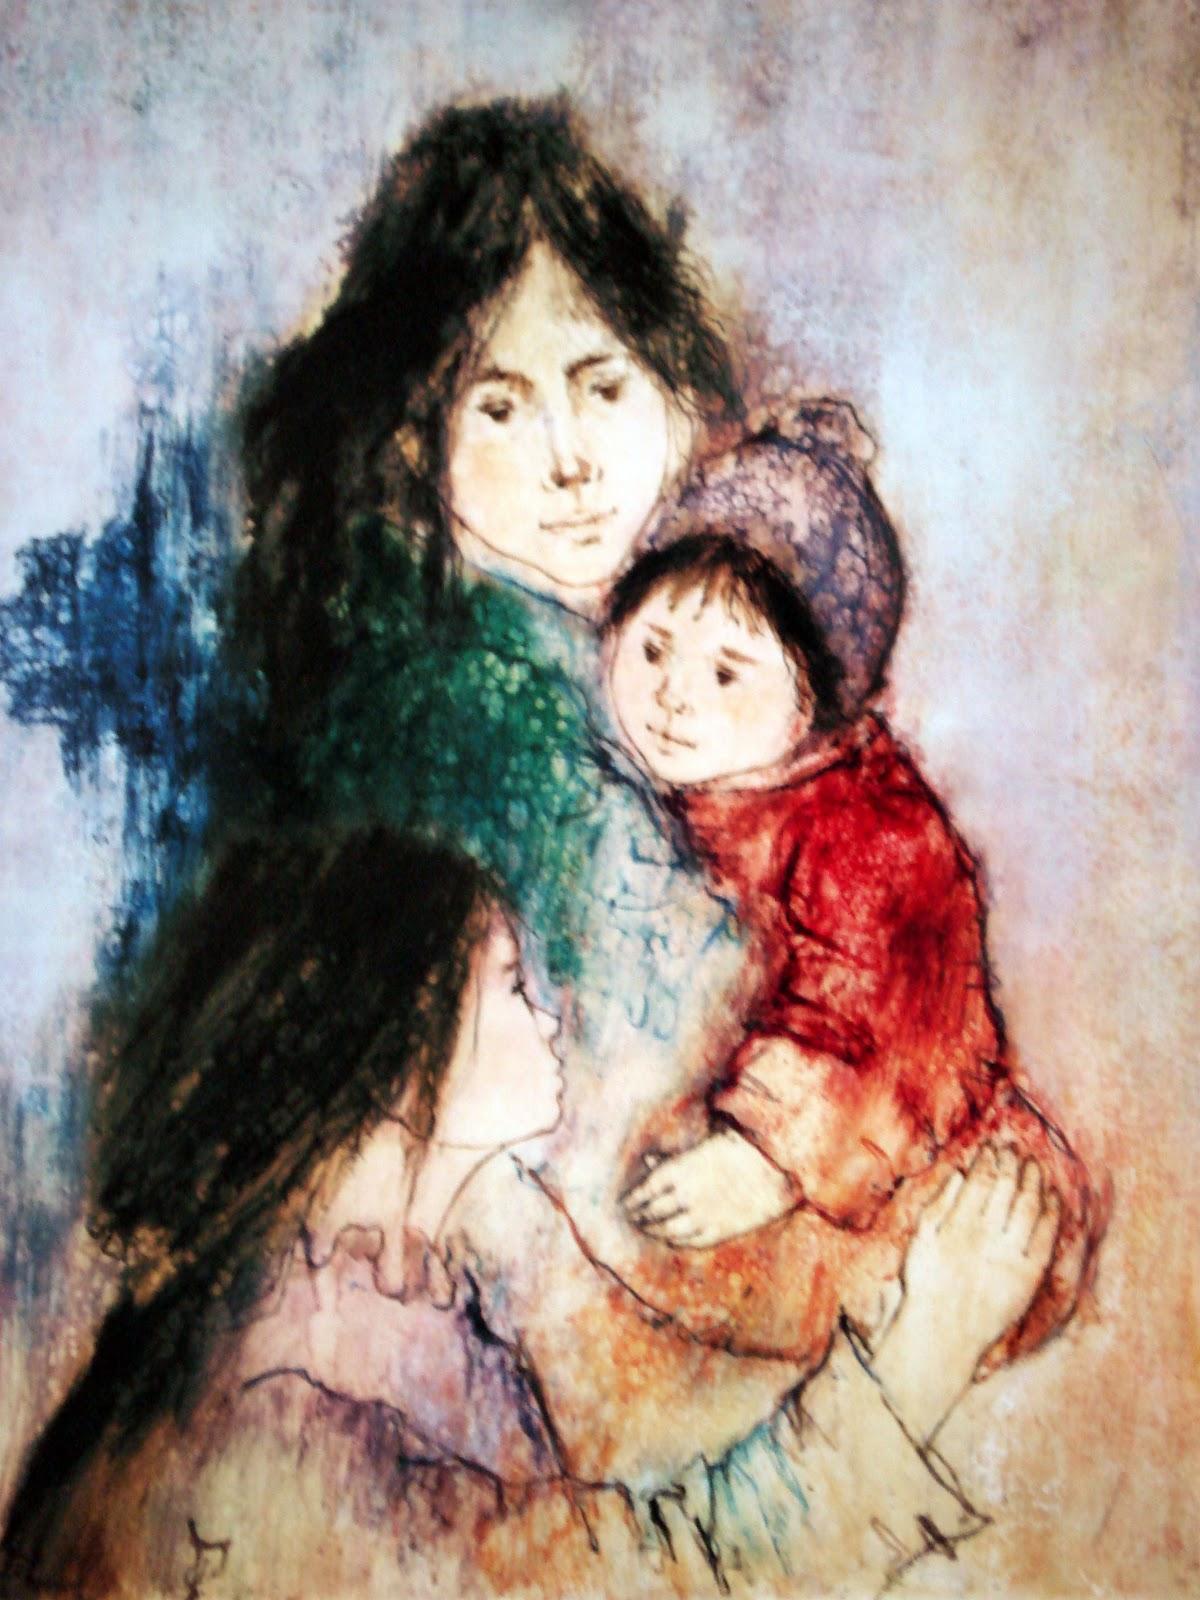 http://2.bp.blogspot.com/-6W7FfbHhiyU/TZIcqtgqWII/AAAAAAAAACI/X_D3TRXr0Go/s1600/Anna+%2526+Children+-+Sahall.jpg